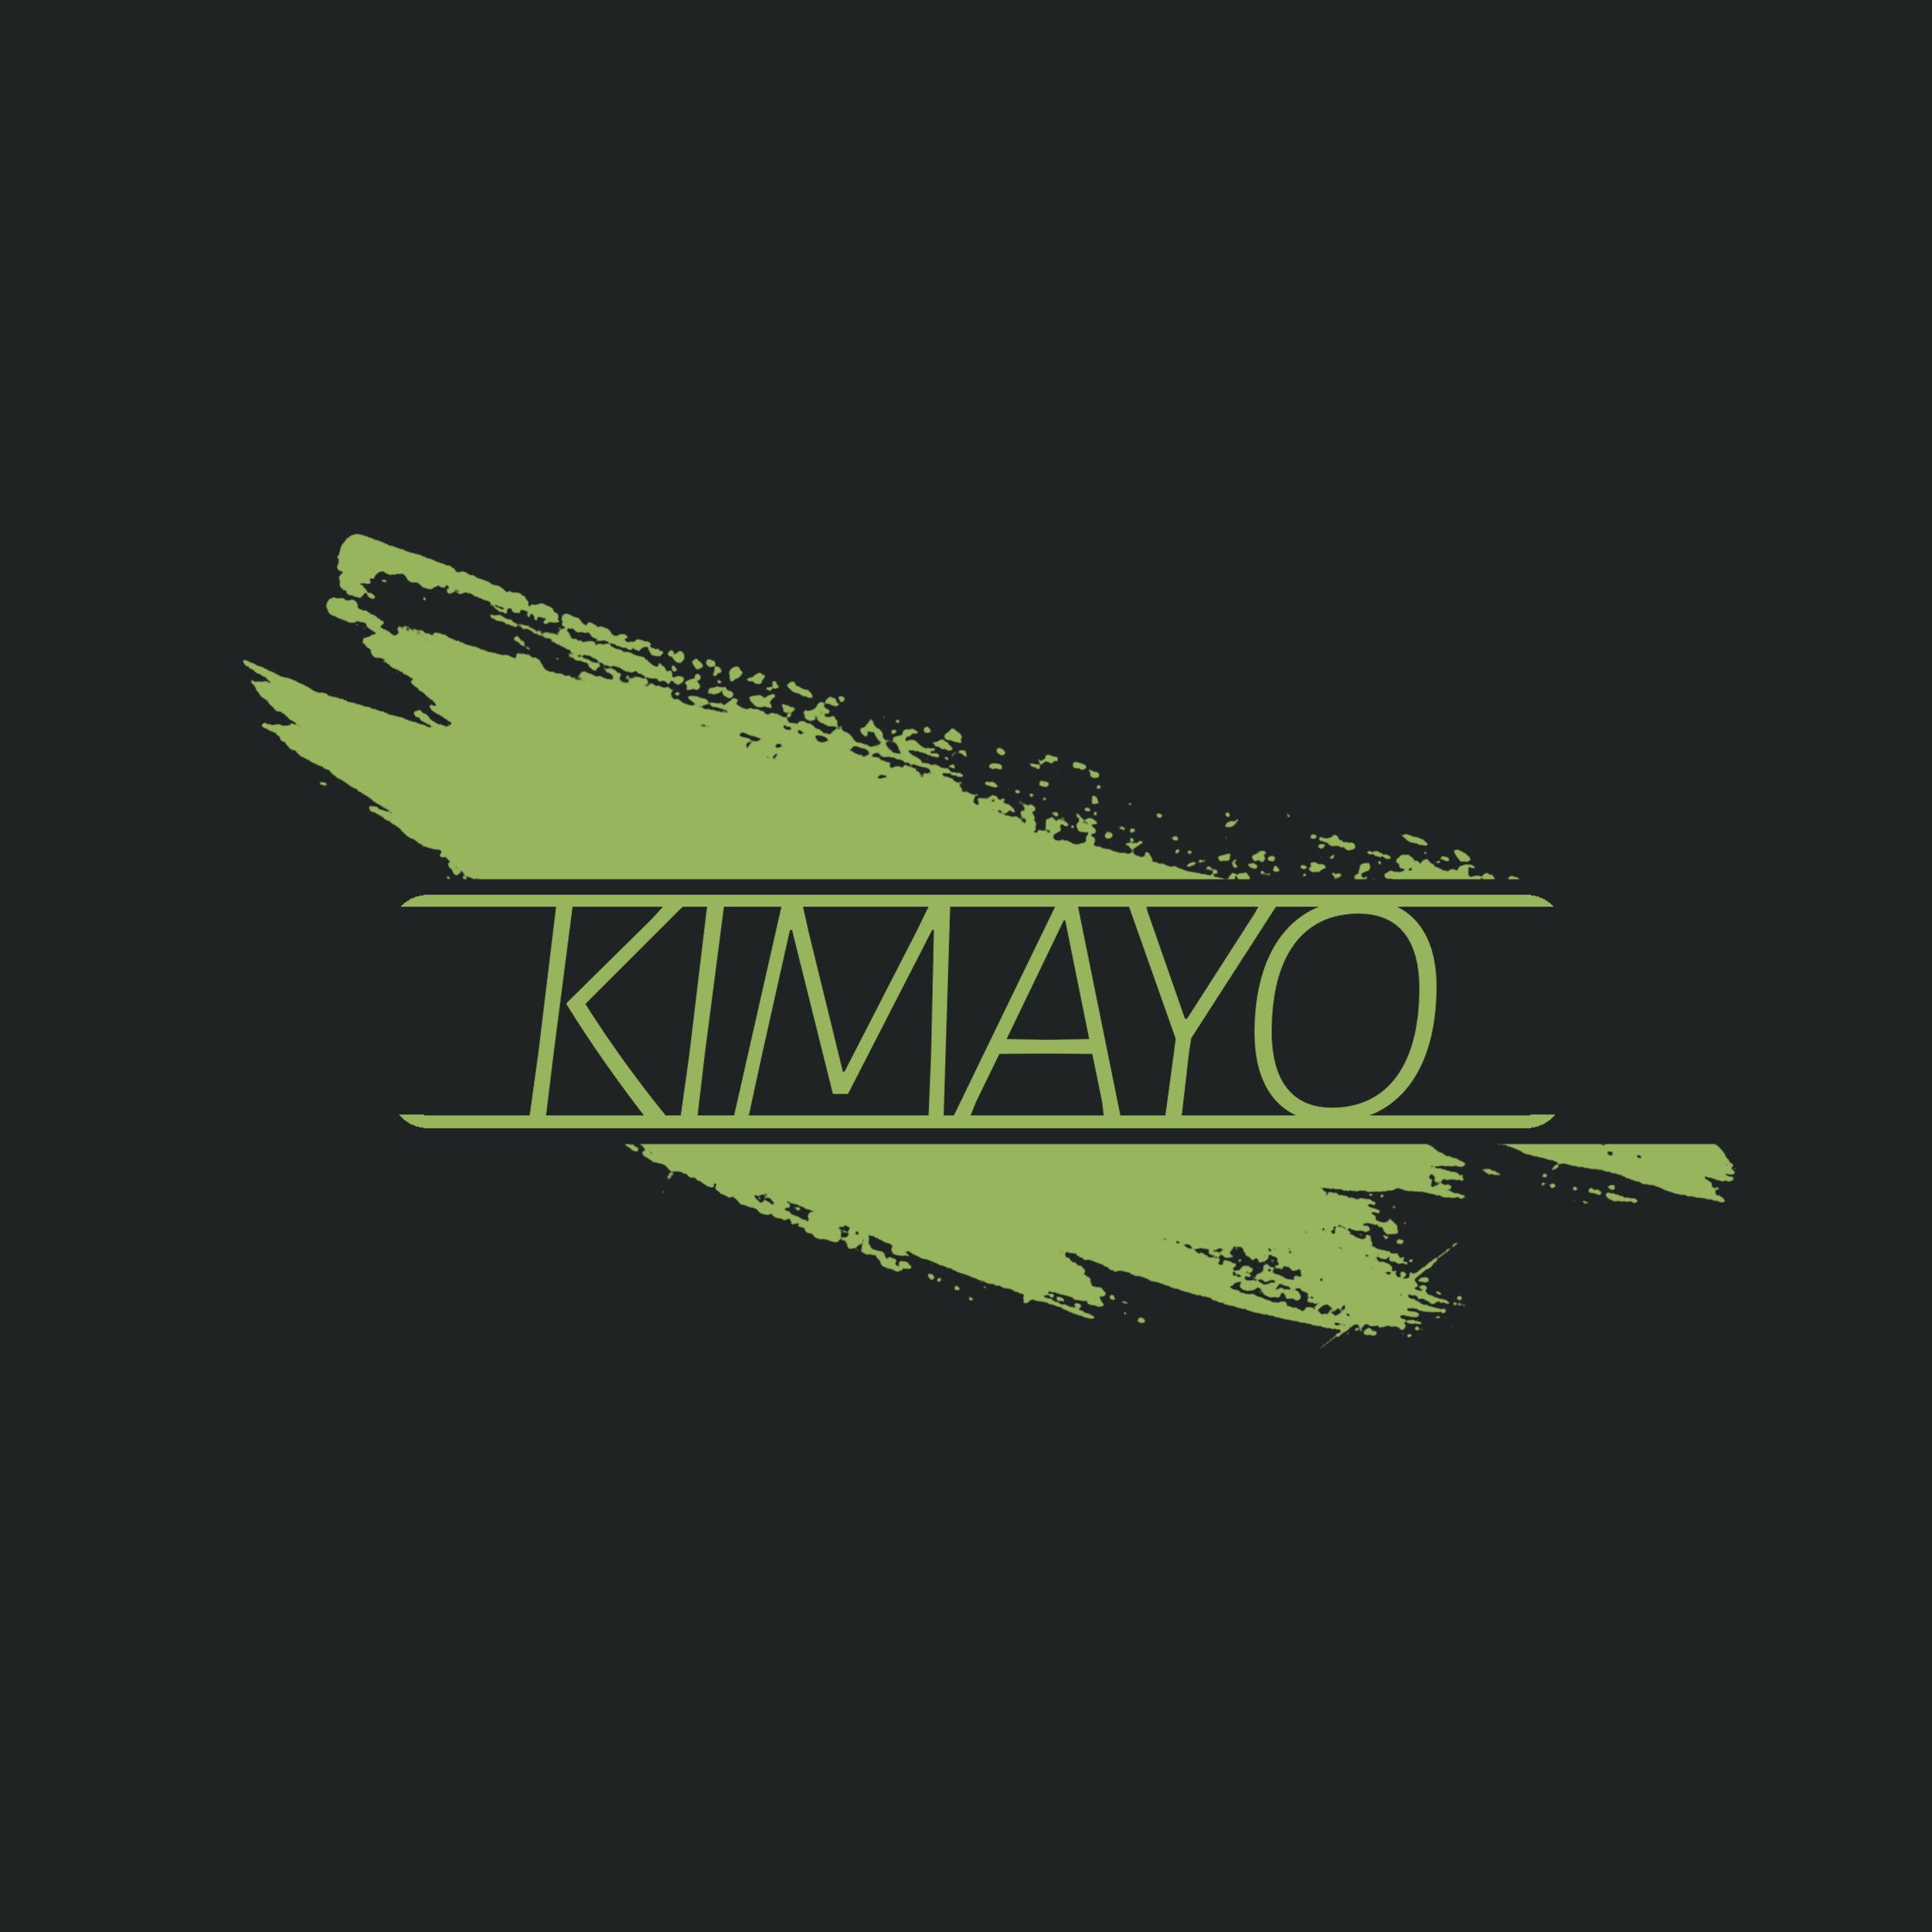 KimayoLogo(Dark).jpg